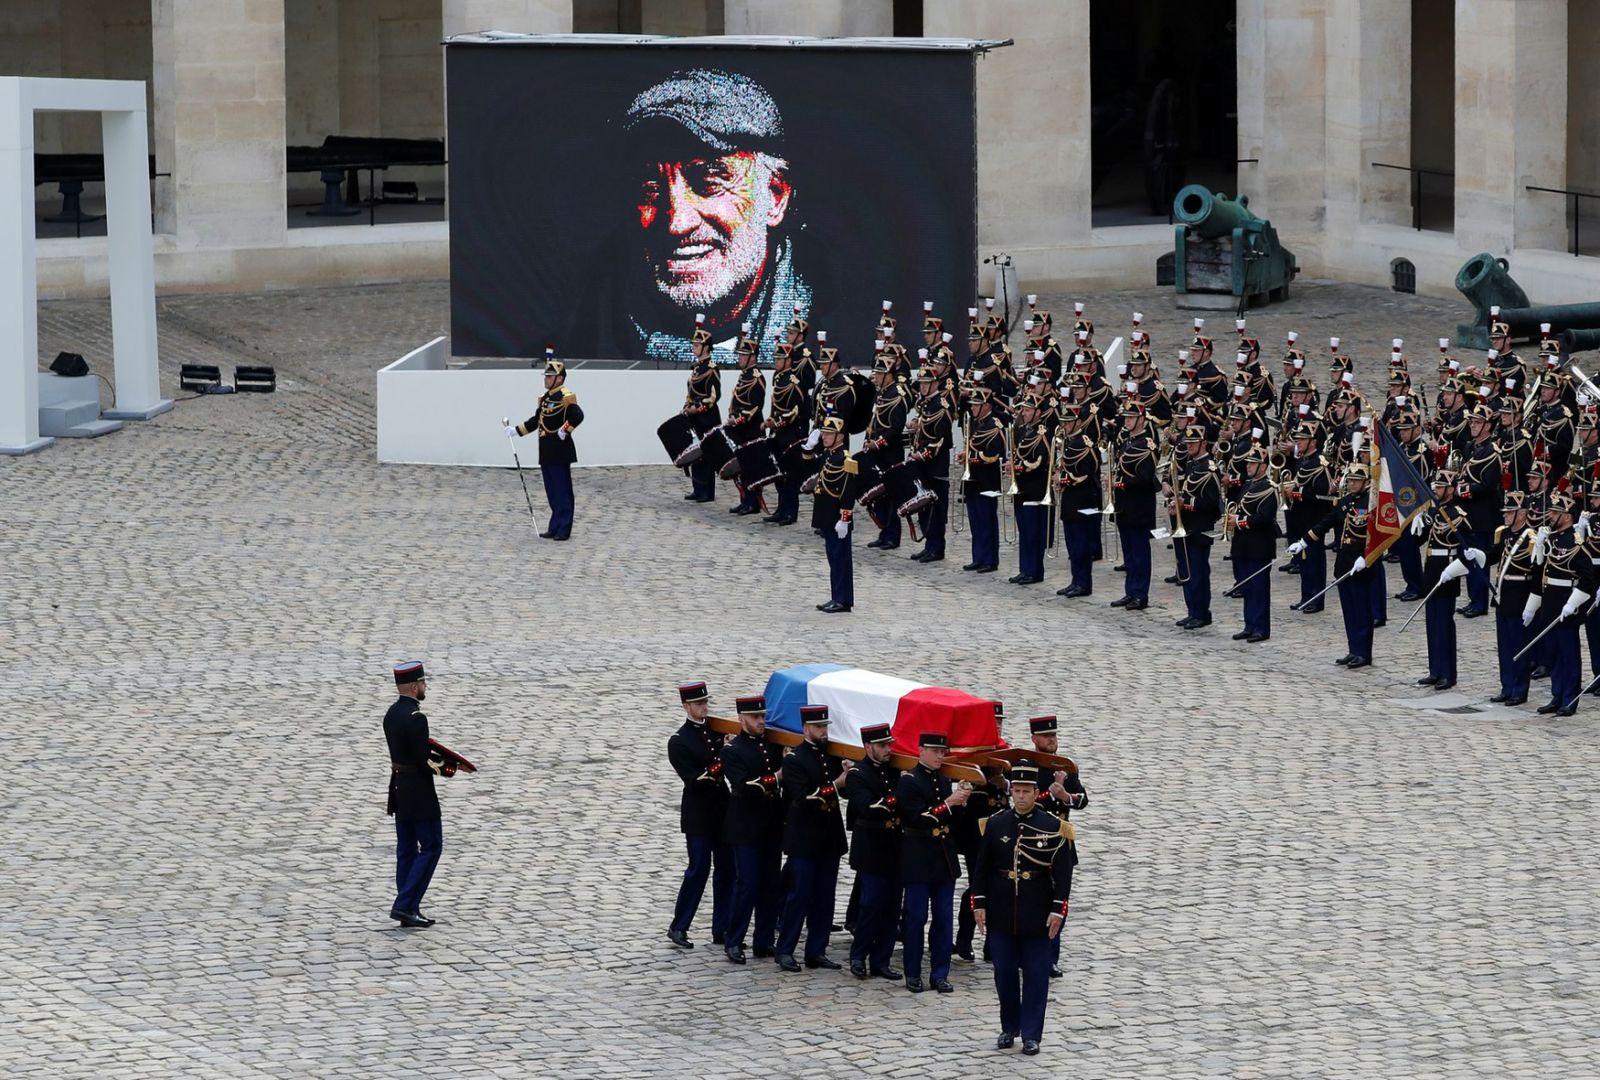 Tang lễ Jean-Paul Belmondo tại Bảo tàng quân đội Les Invalides  ẢNH: REUTERS